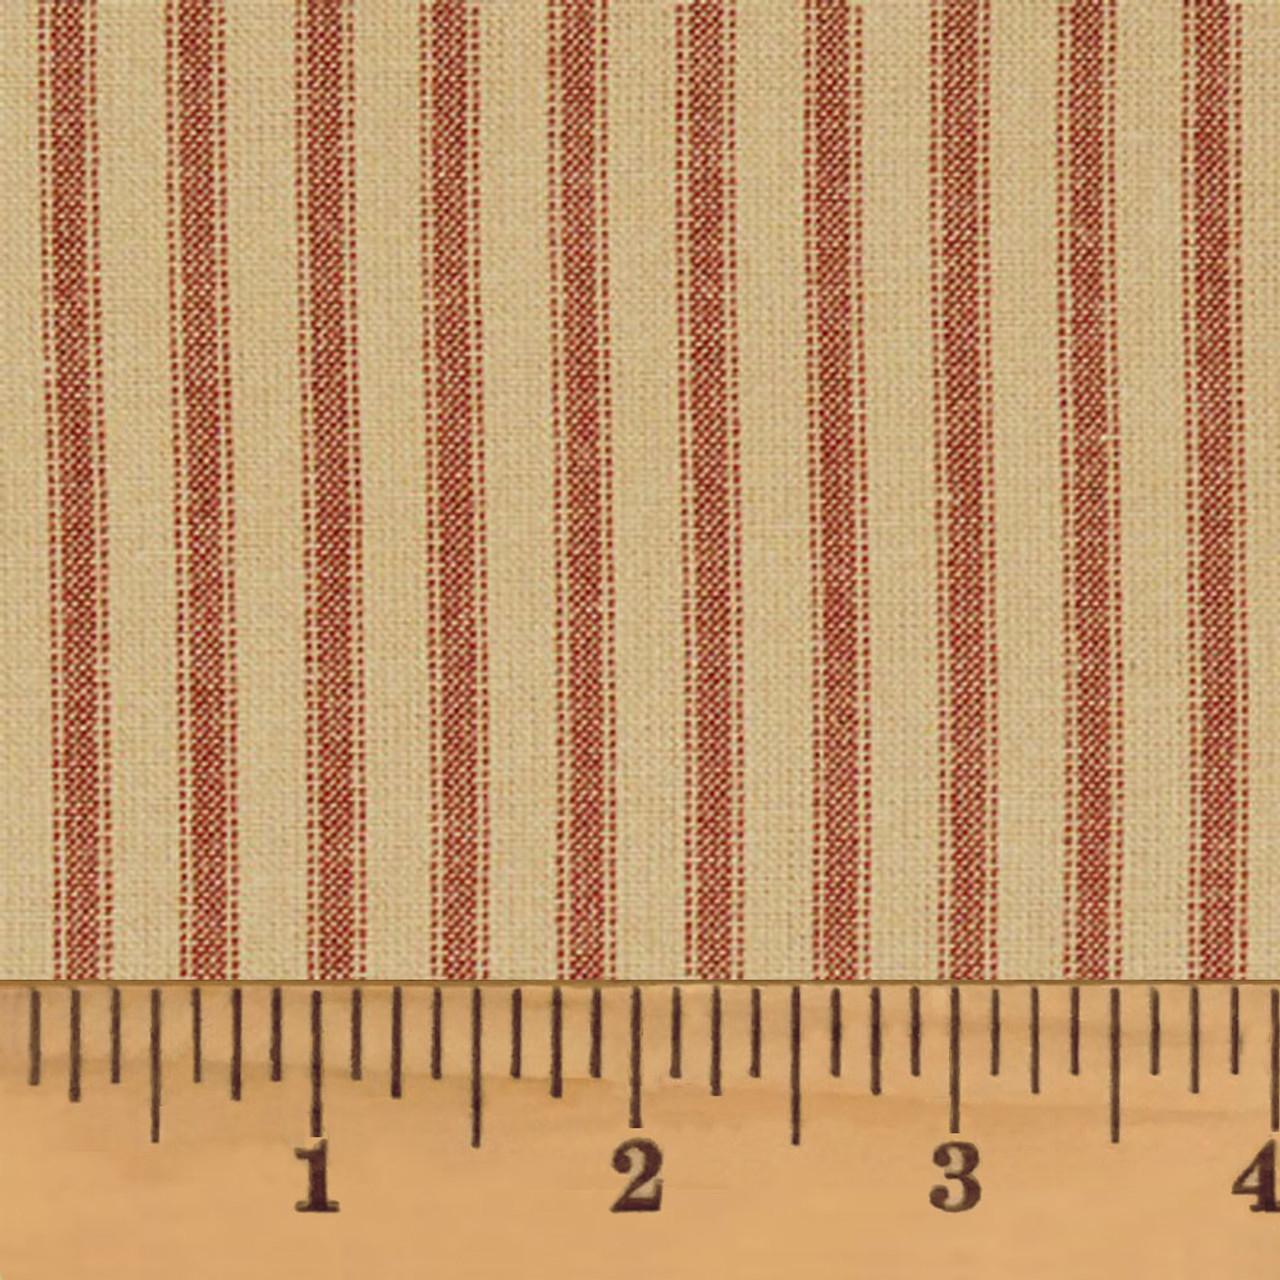 Red & Tea Dye Ticking Stripe Homespun Cotton Fabric